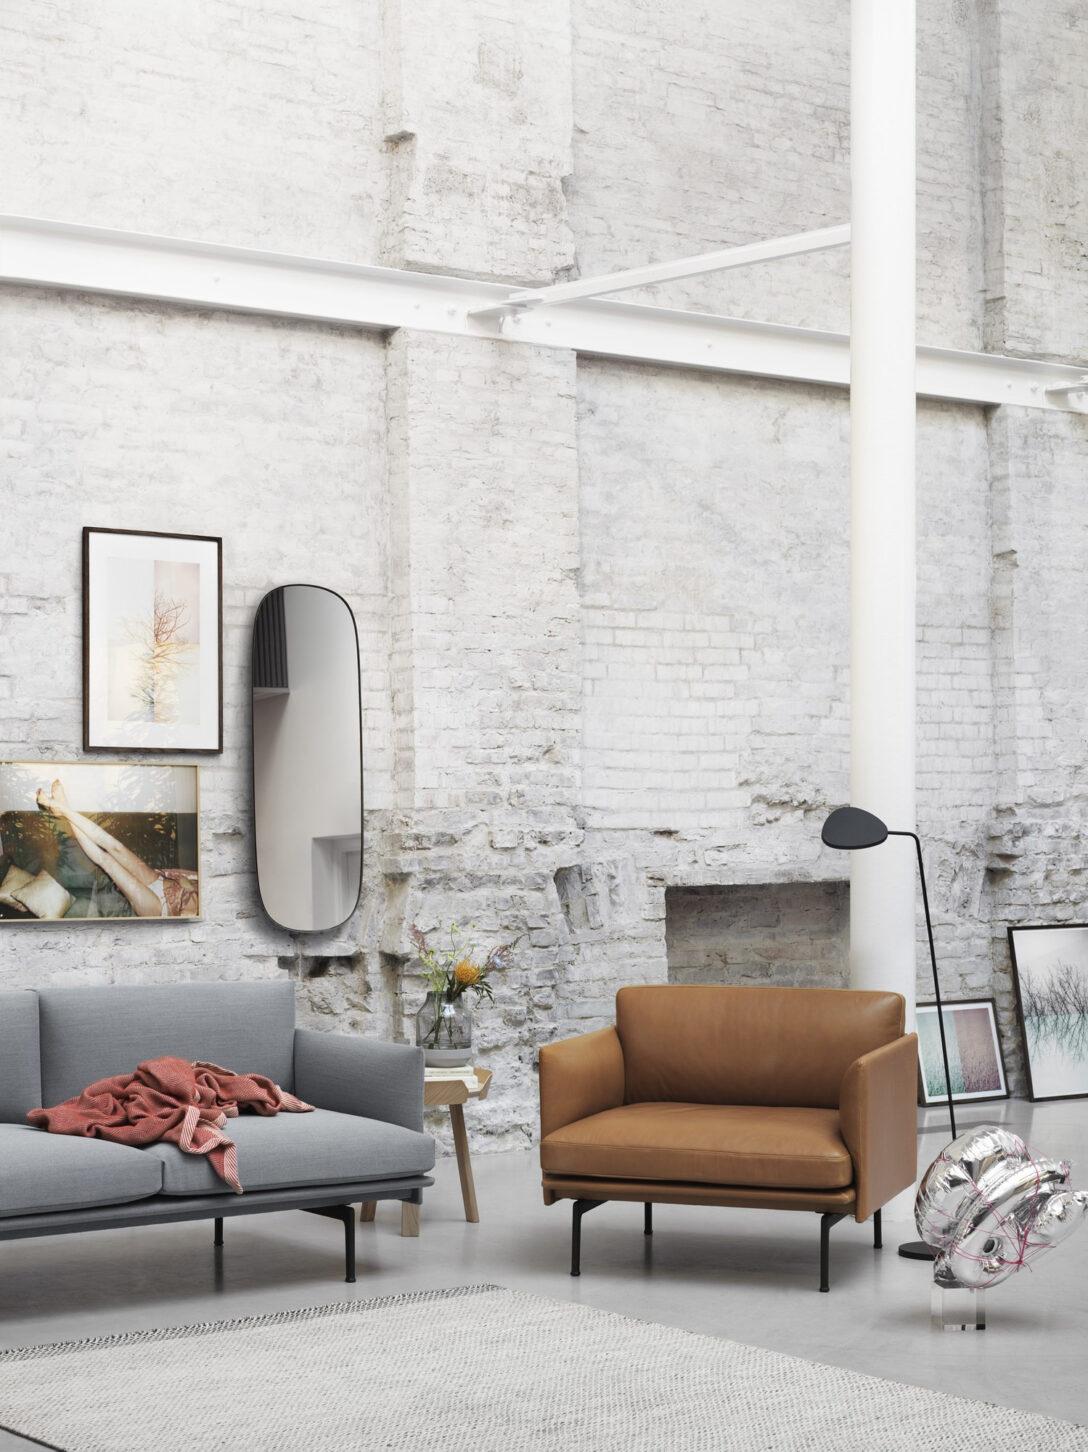 Large Size of Muuto Airy Sofabord Large Workshop Connect Sofa Uk Oslo Compose Review Outline 2 Sitzer Einrichten Designde Xxl Grau Dreisitzer Dauerschläfer Günstiges Big Sofa Muuto Sofa